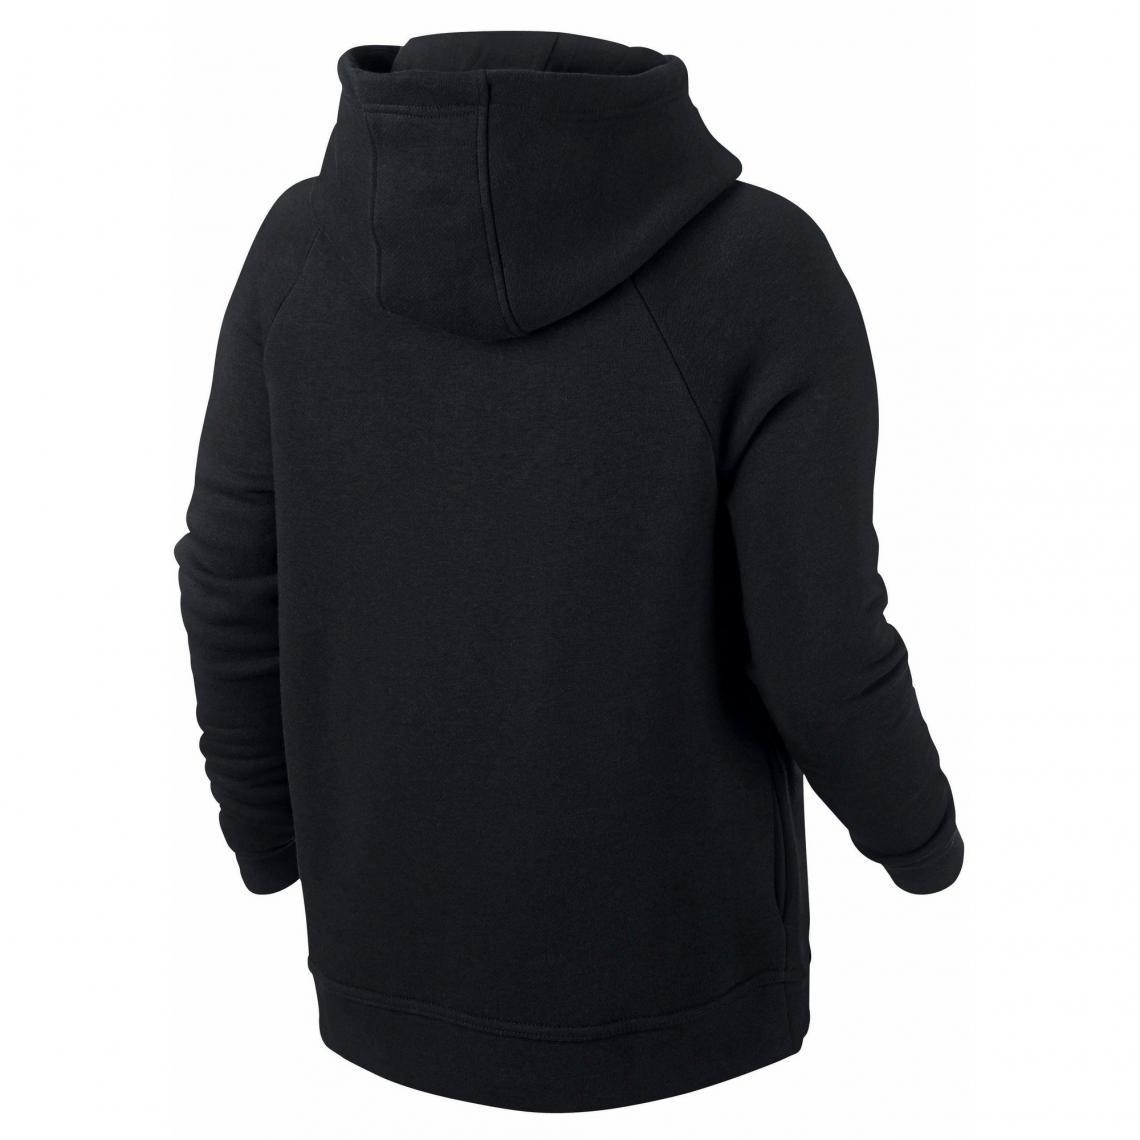 f530b8091db43 Sweat zippé à capuche Nike femme - Noir | 3 SUISSES